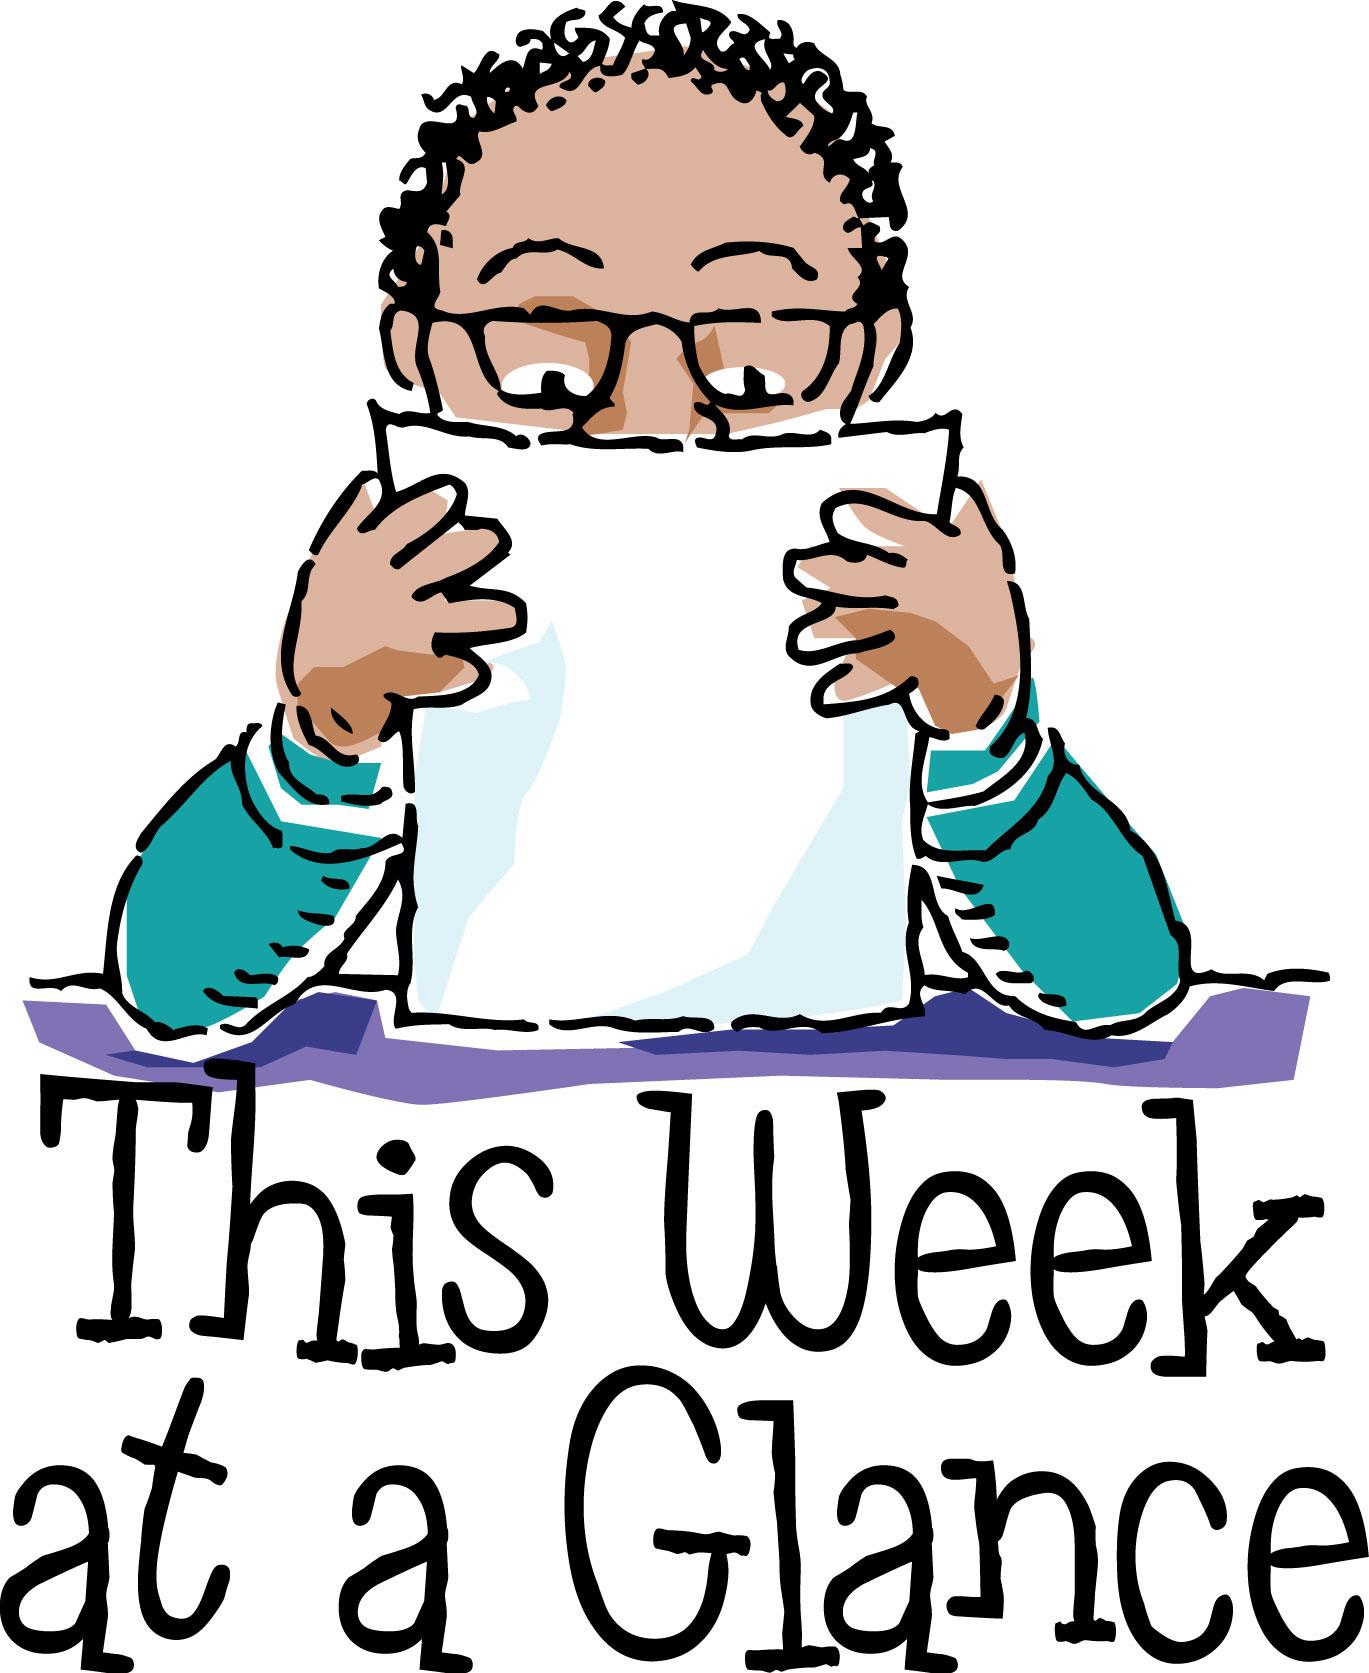 Week.